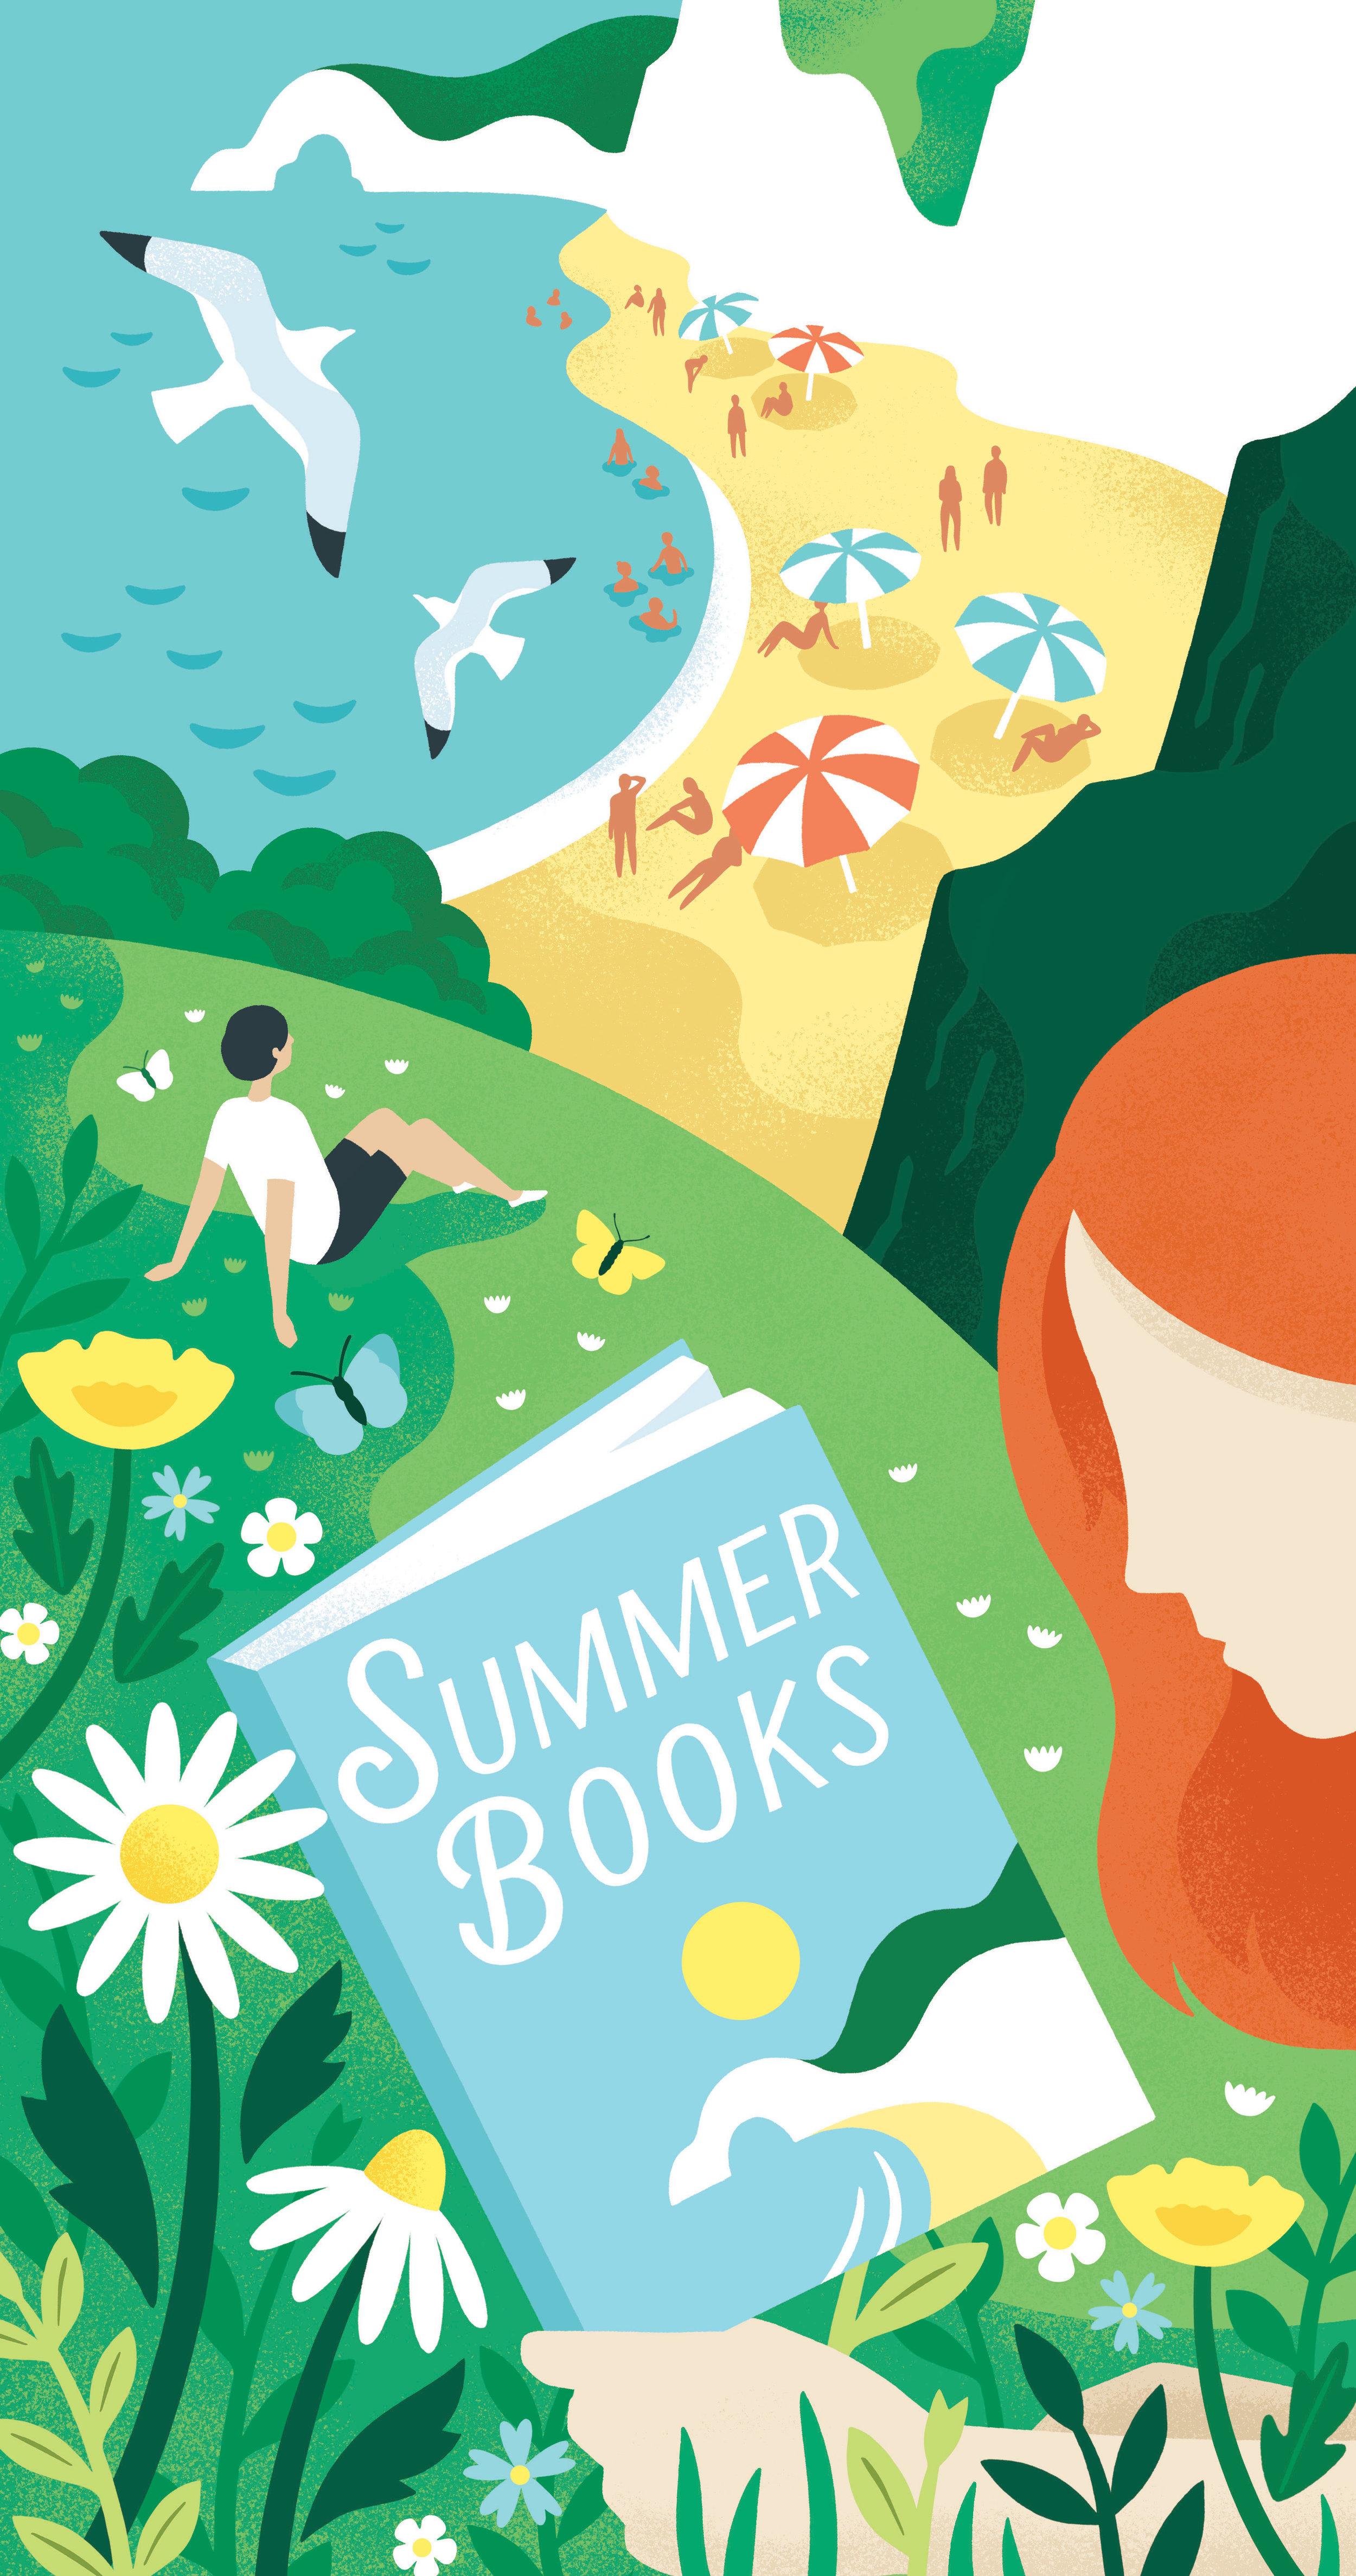 WSJ-Summer-books-cover.jpg